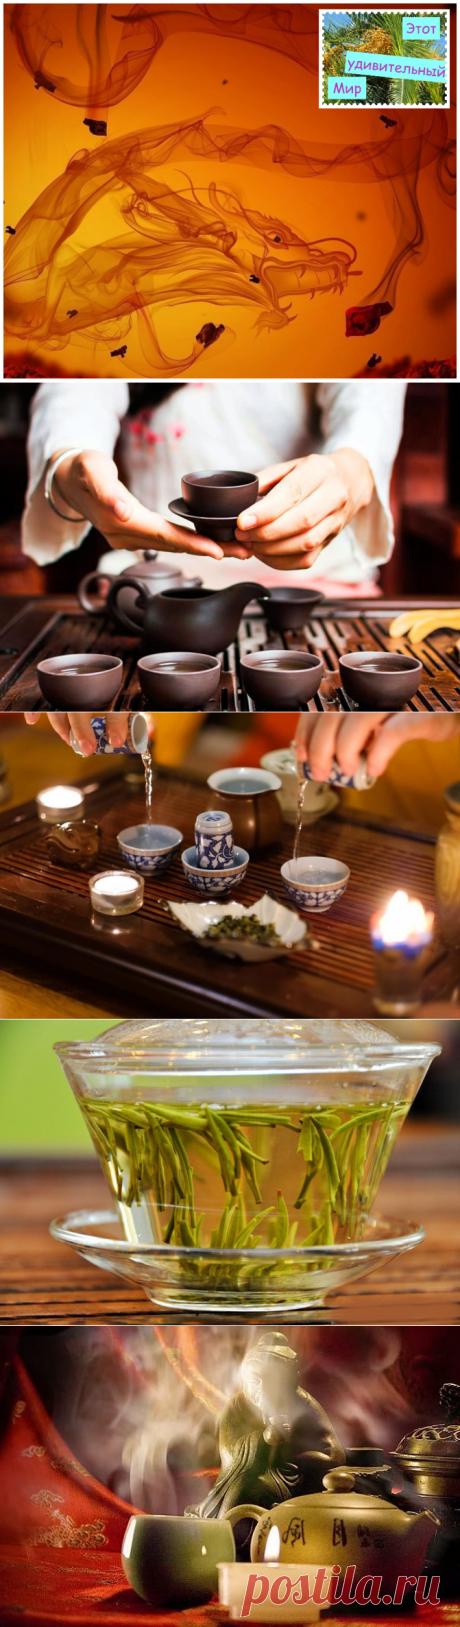 Чайное опьянение - что это? Какая в нём польза? И что значит чайный пьяница?